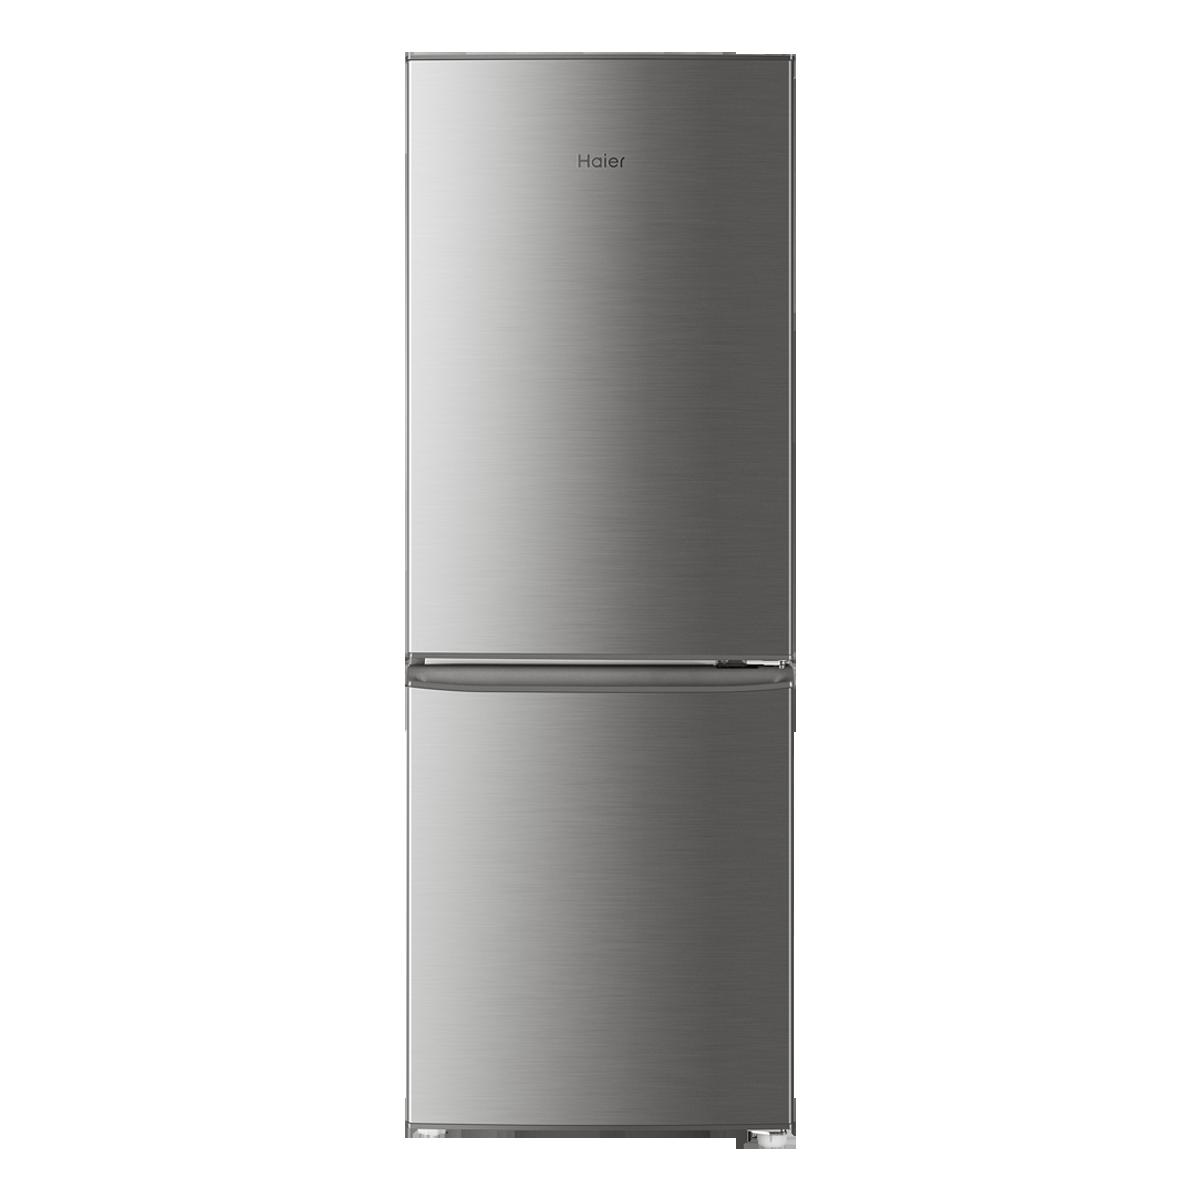 海尔Haier冰箱 BCD-178TMPD 说明书